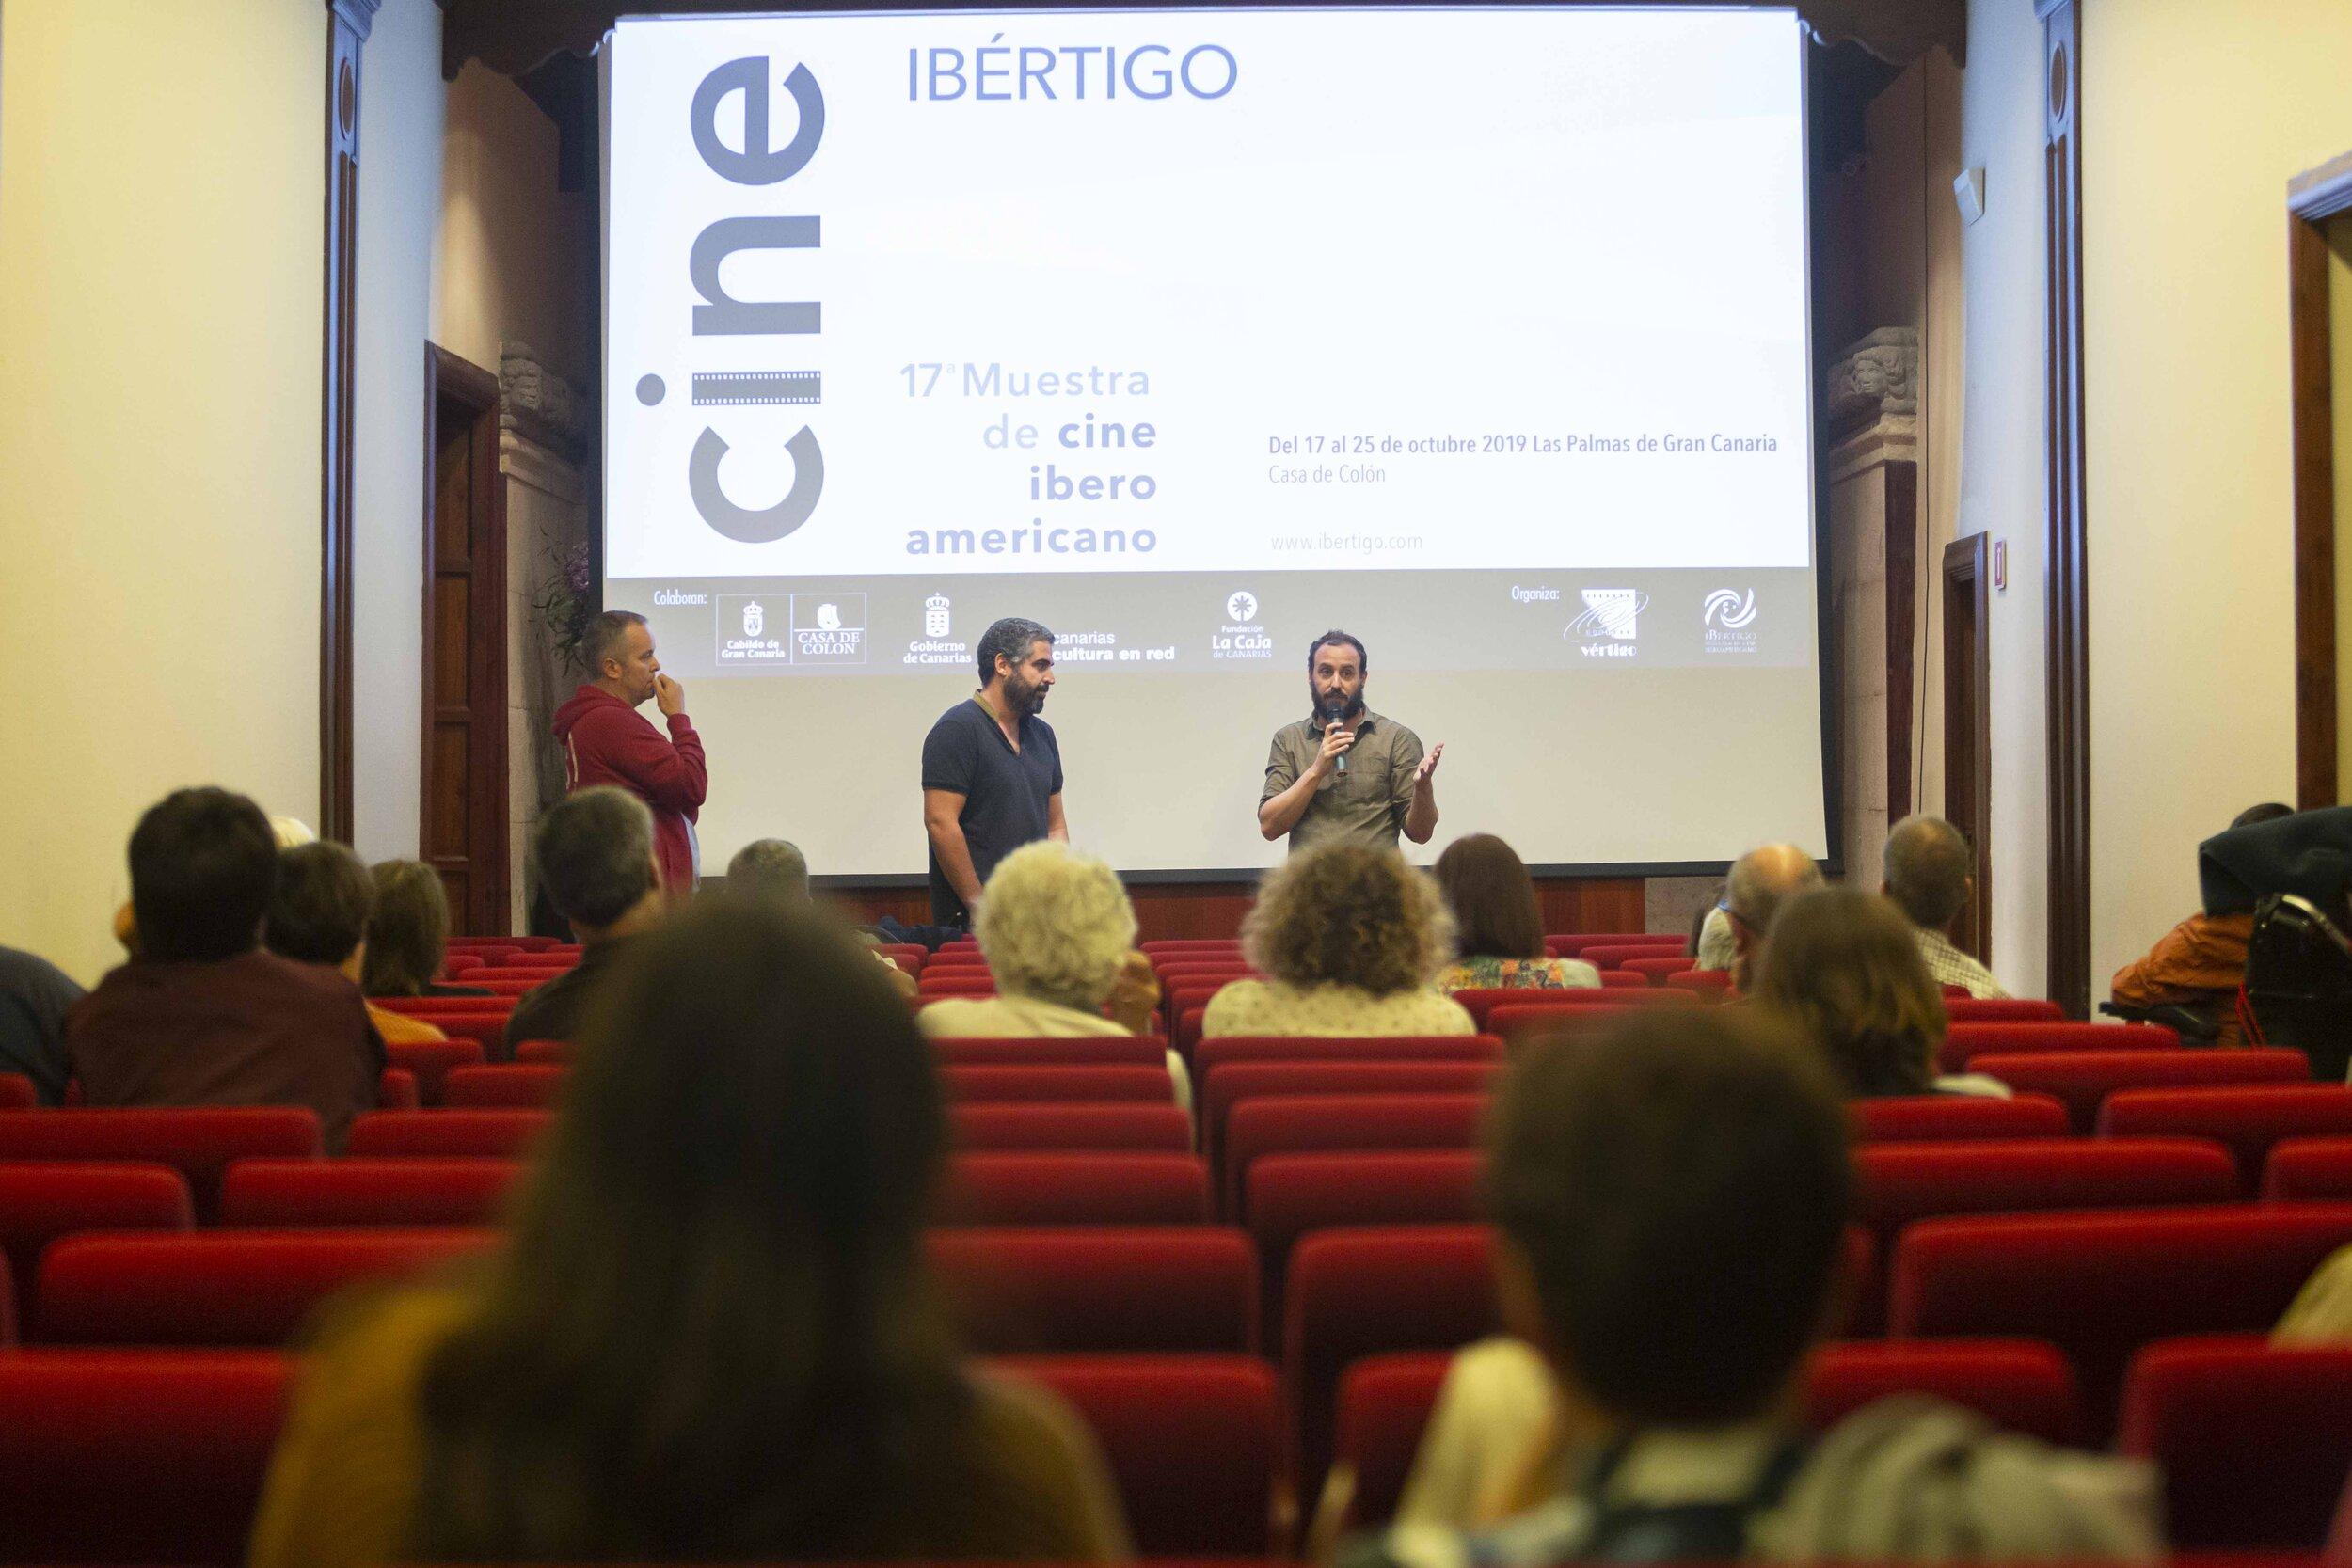 Momento de la presentación de 'Refugiado' con Diego Lerman, acompañado del cineasta canario José Ángel Alayón. Foto: Gustavo Martín